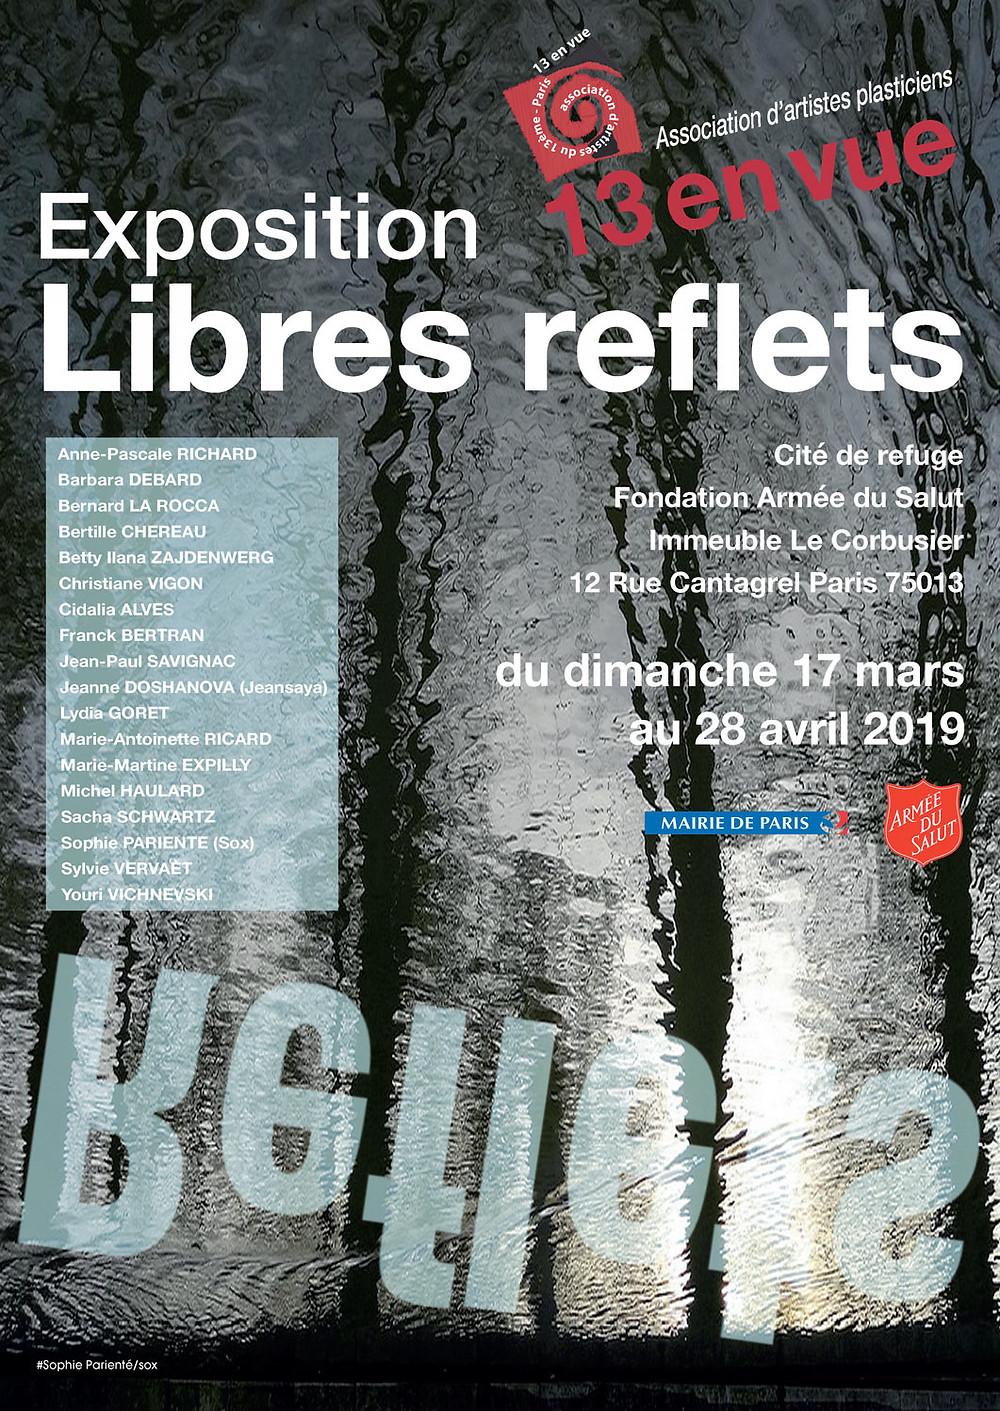 Affiche de l'exposition LIBRES REFLETS - création visuelle Sophie Pariente (Sox)